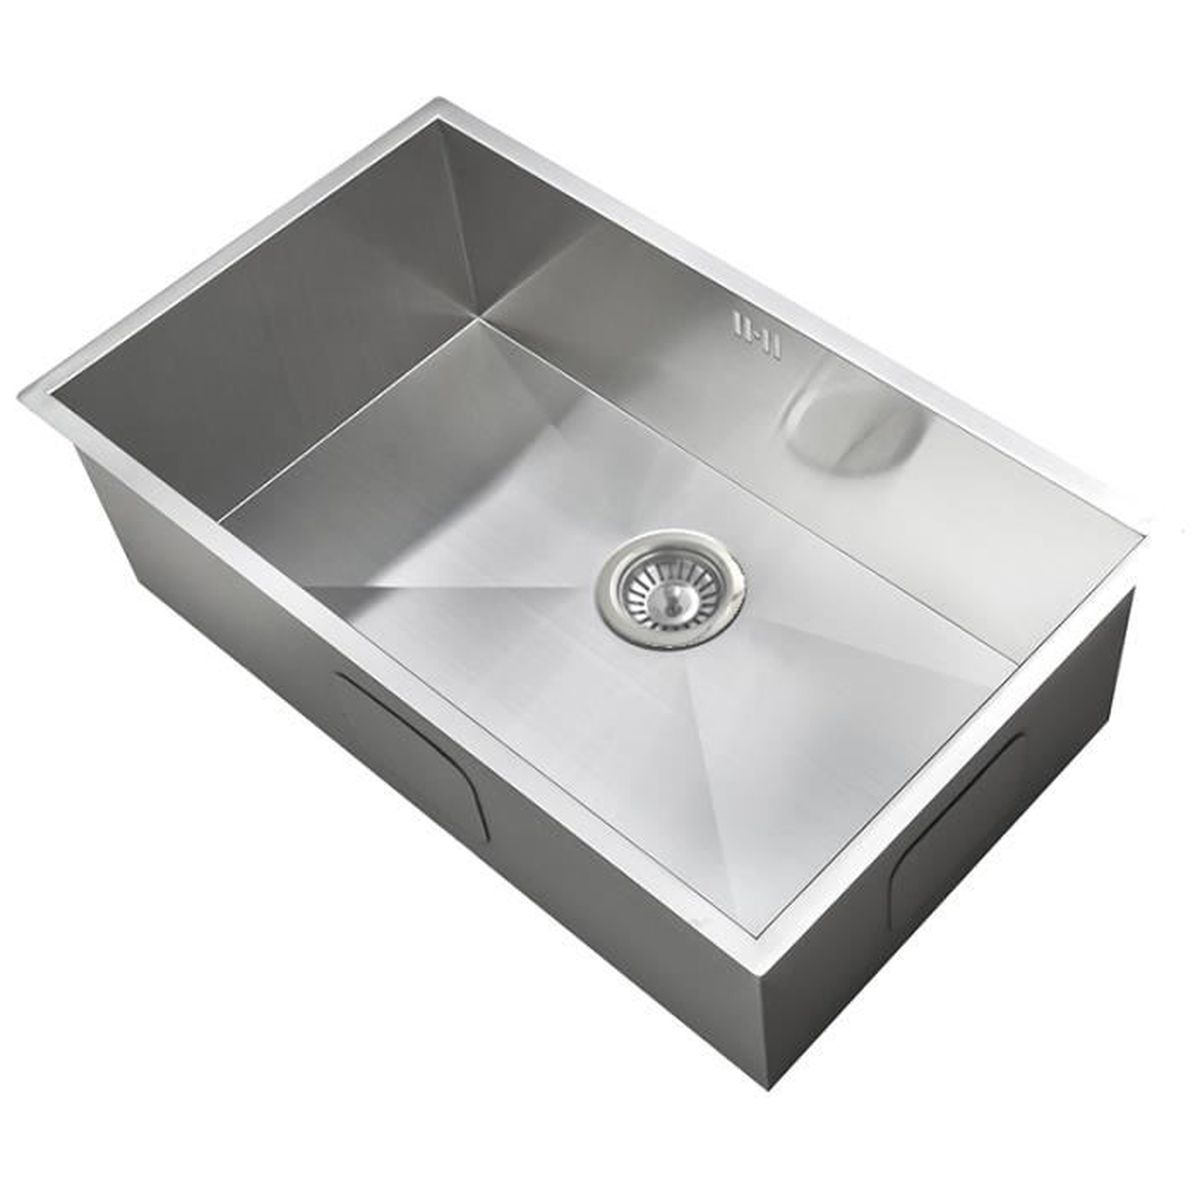 grand évier inox sous plan 1 bac (ds008) - achat / vente evier de